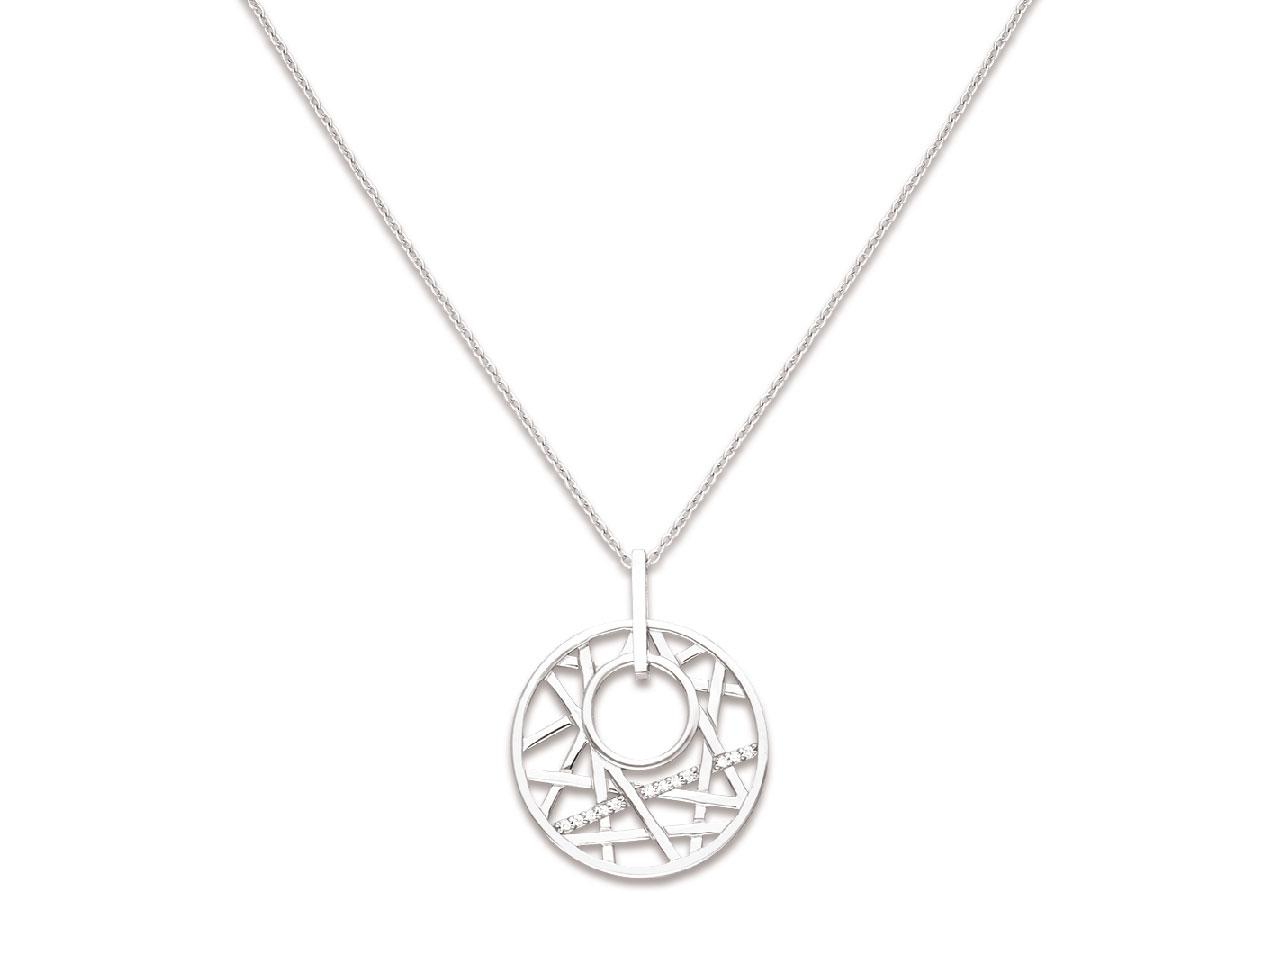 Collier chaîne pendentif Cercle géométrique avec Oxydes de zirconium, Argent 925 rhodié